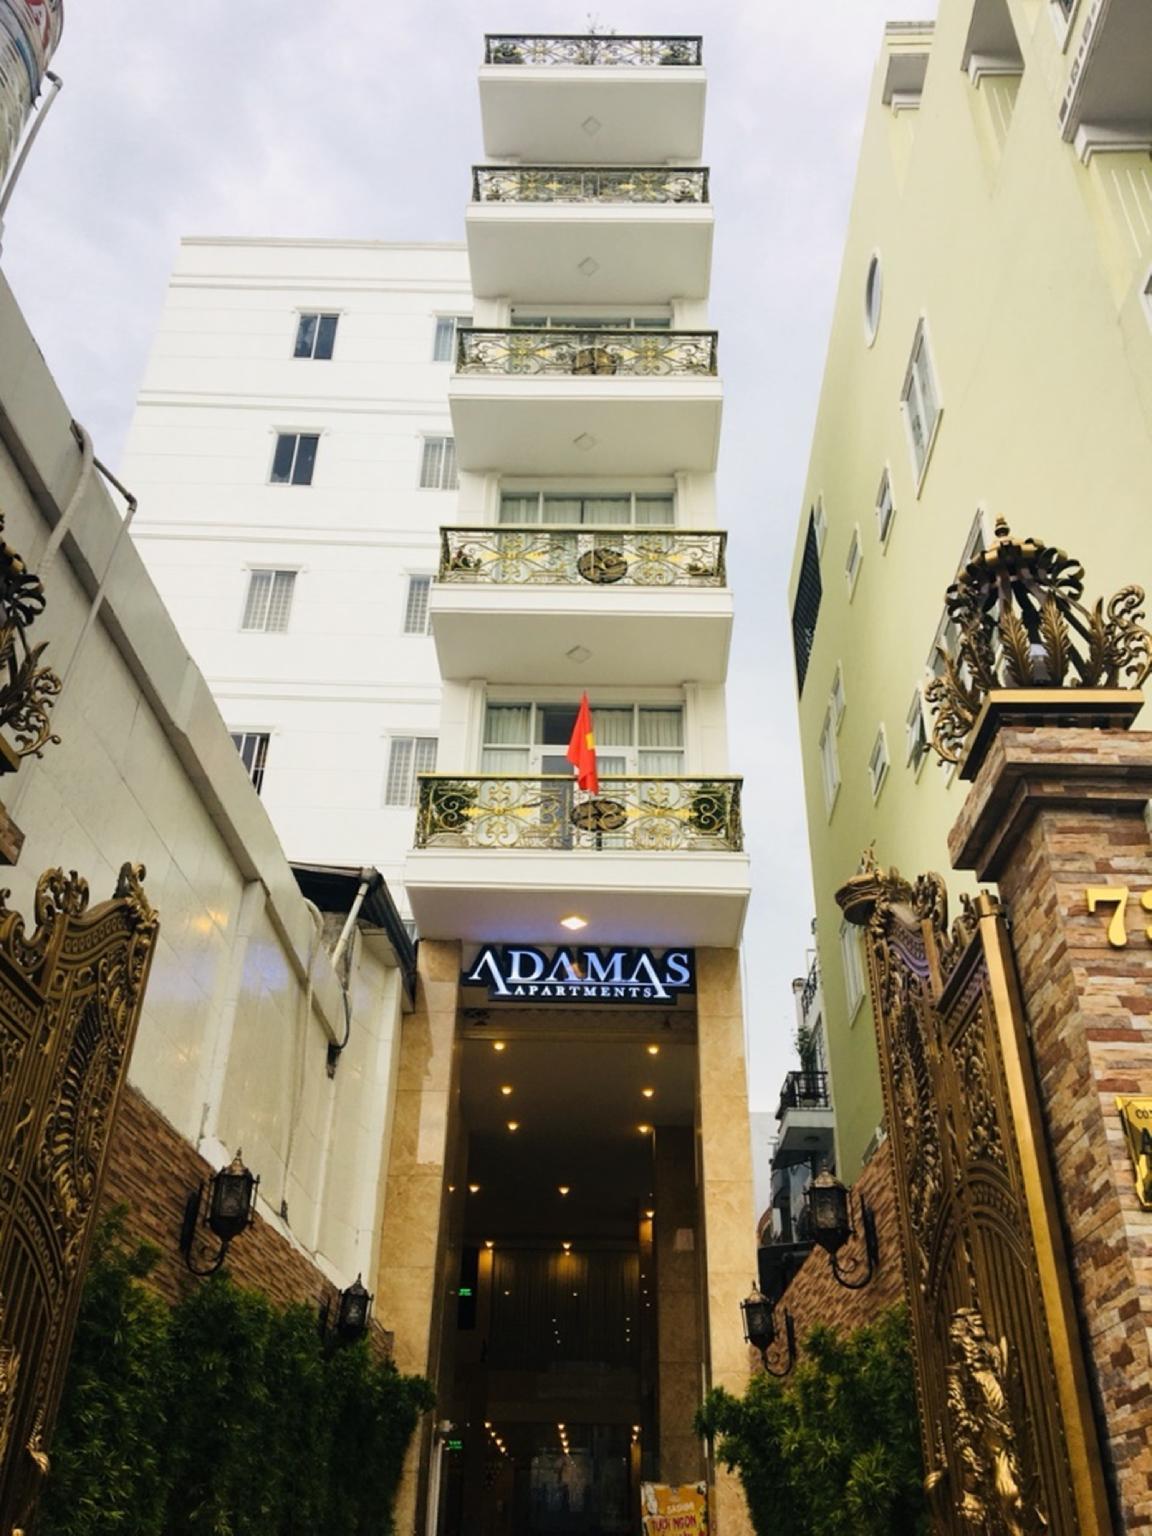 Adamas Apartment   Phan Dinh Phung